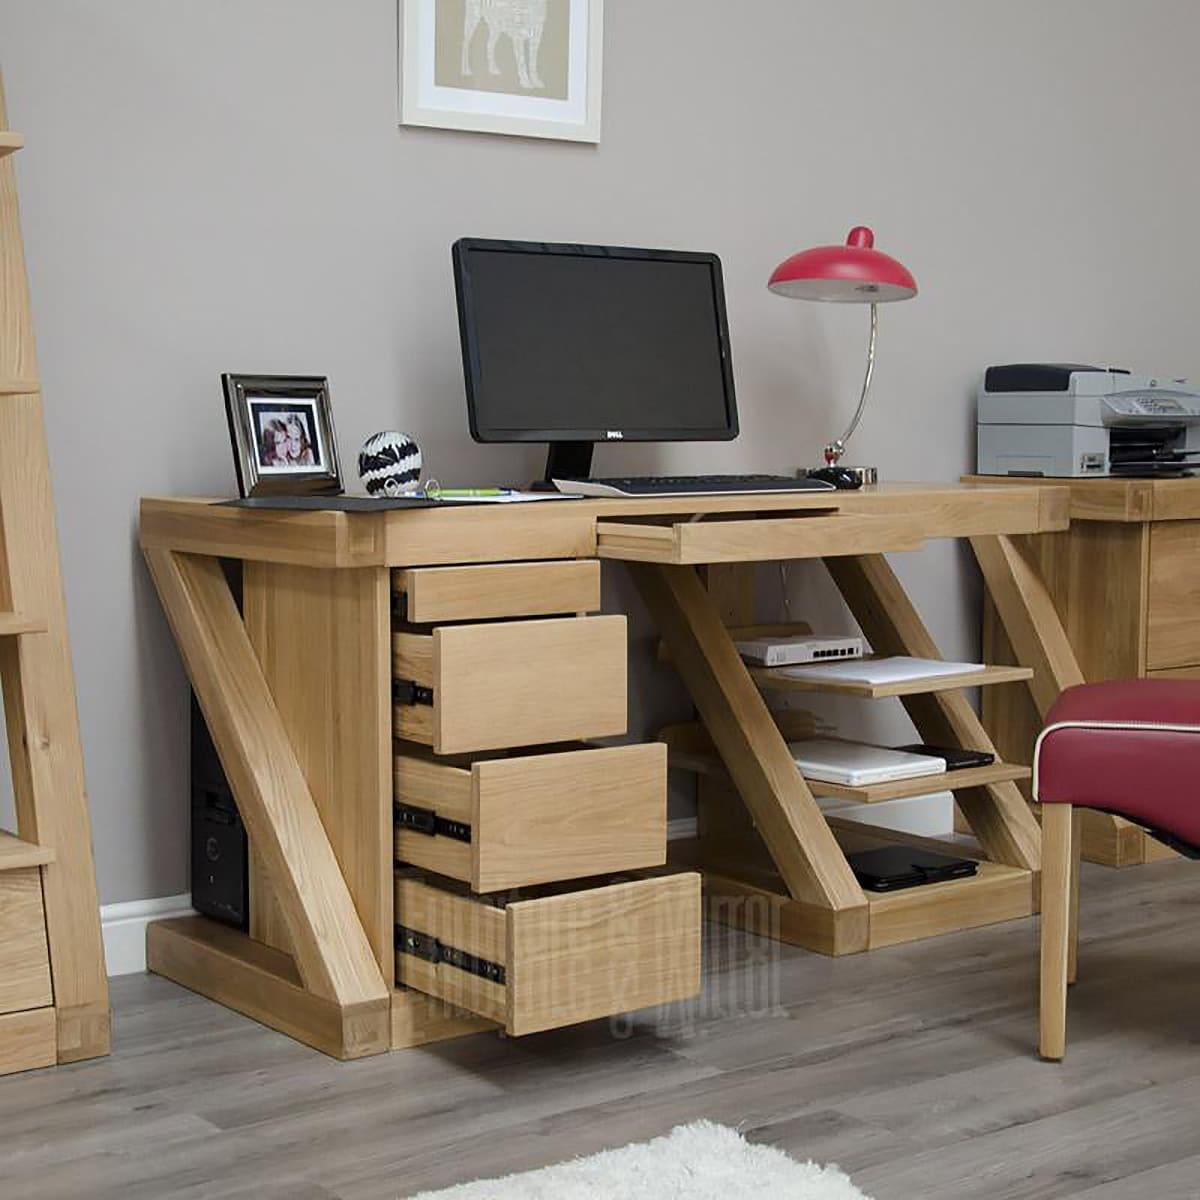 Dezigner large computer desk furniture and mirror for Furniture and mirror